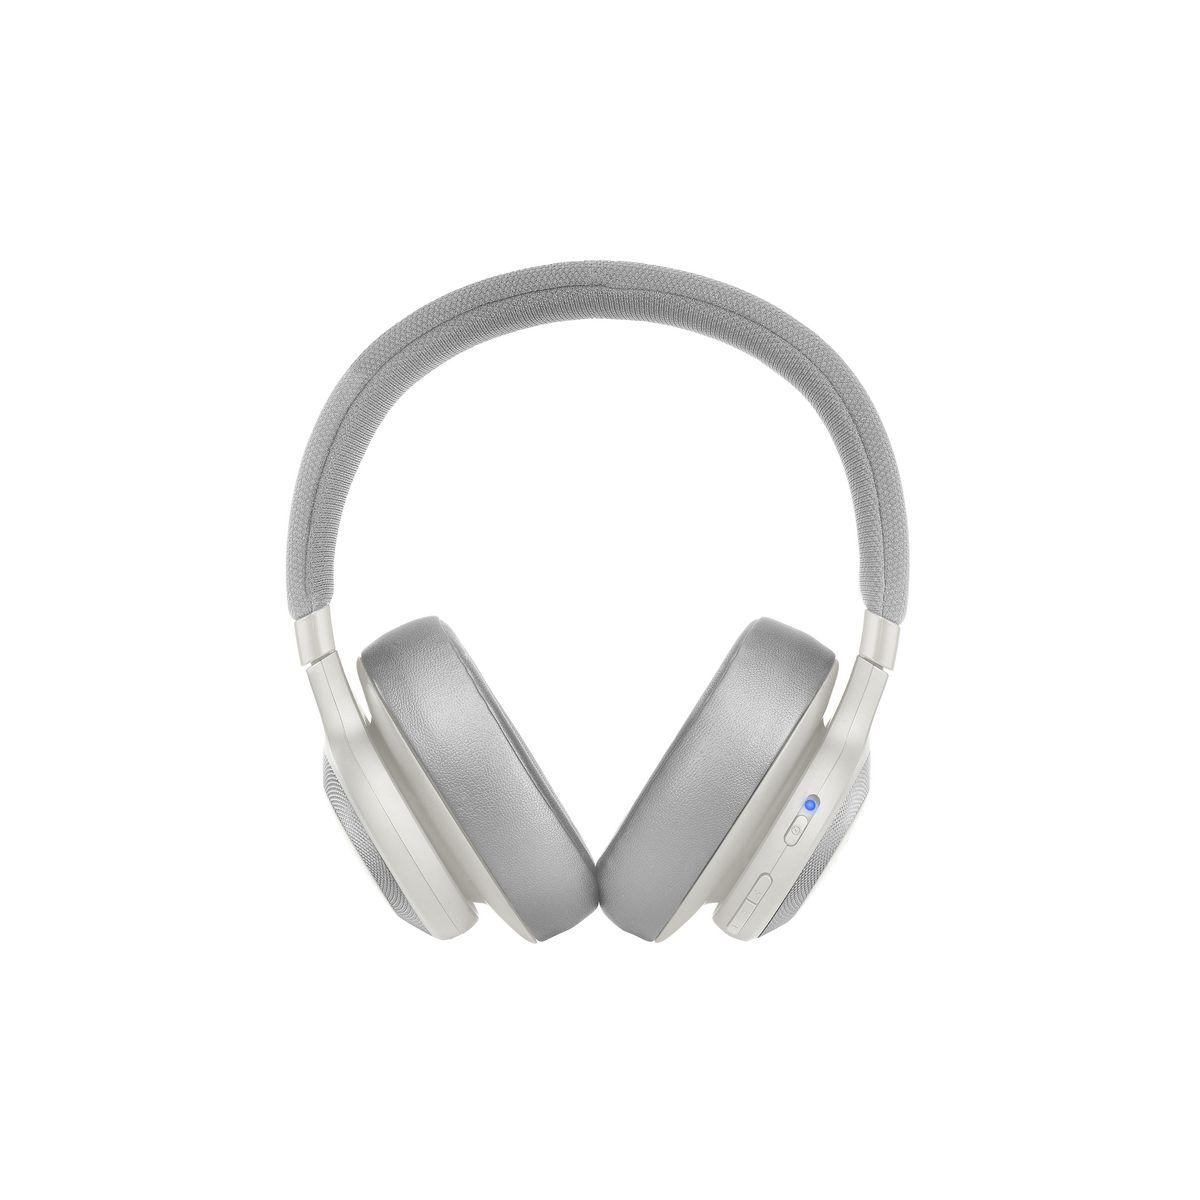 E65BTNC - Blanc - Casque audio circum-aural